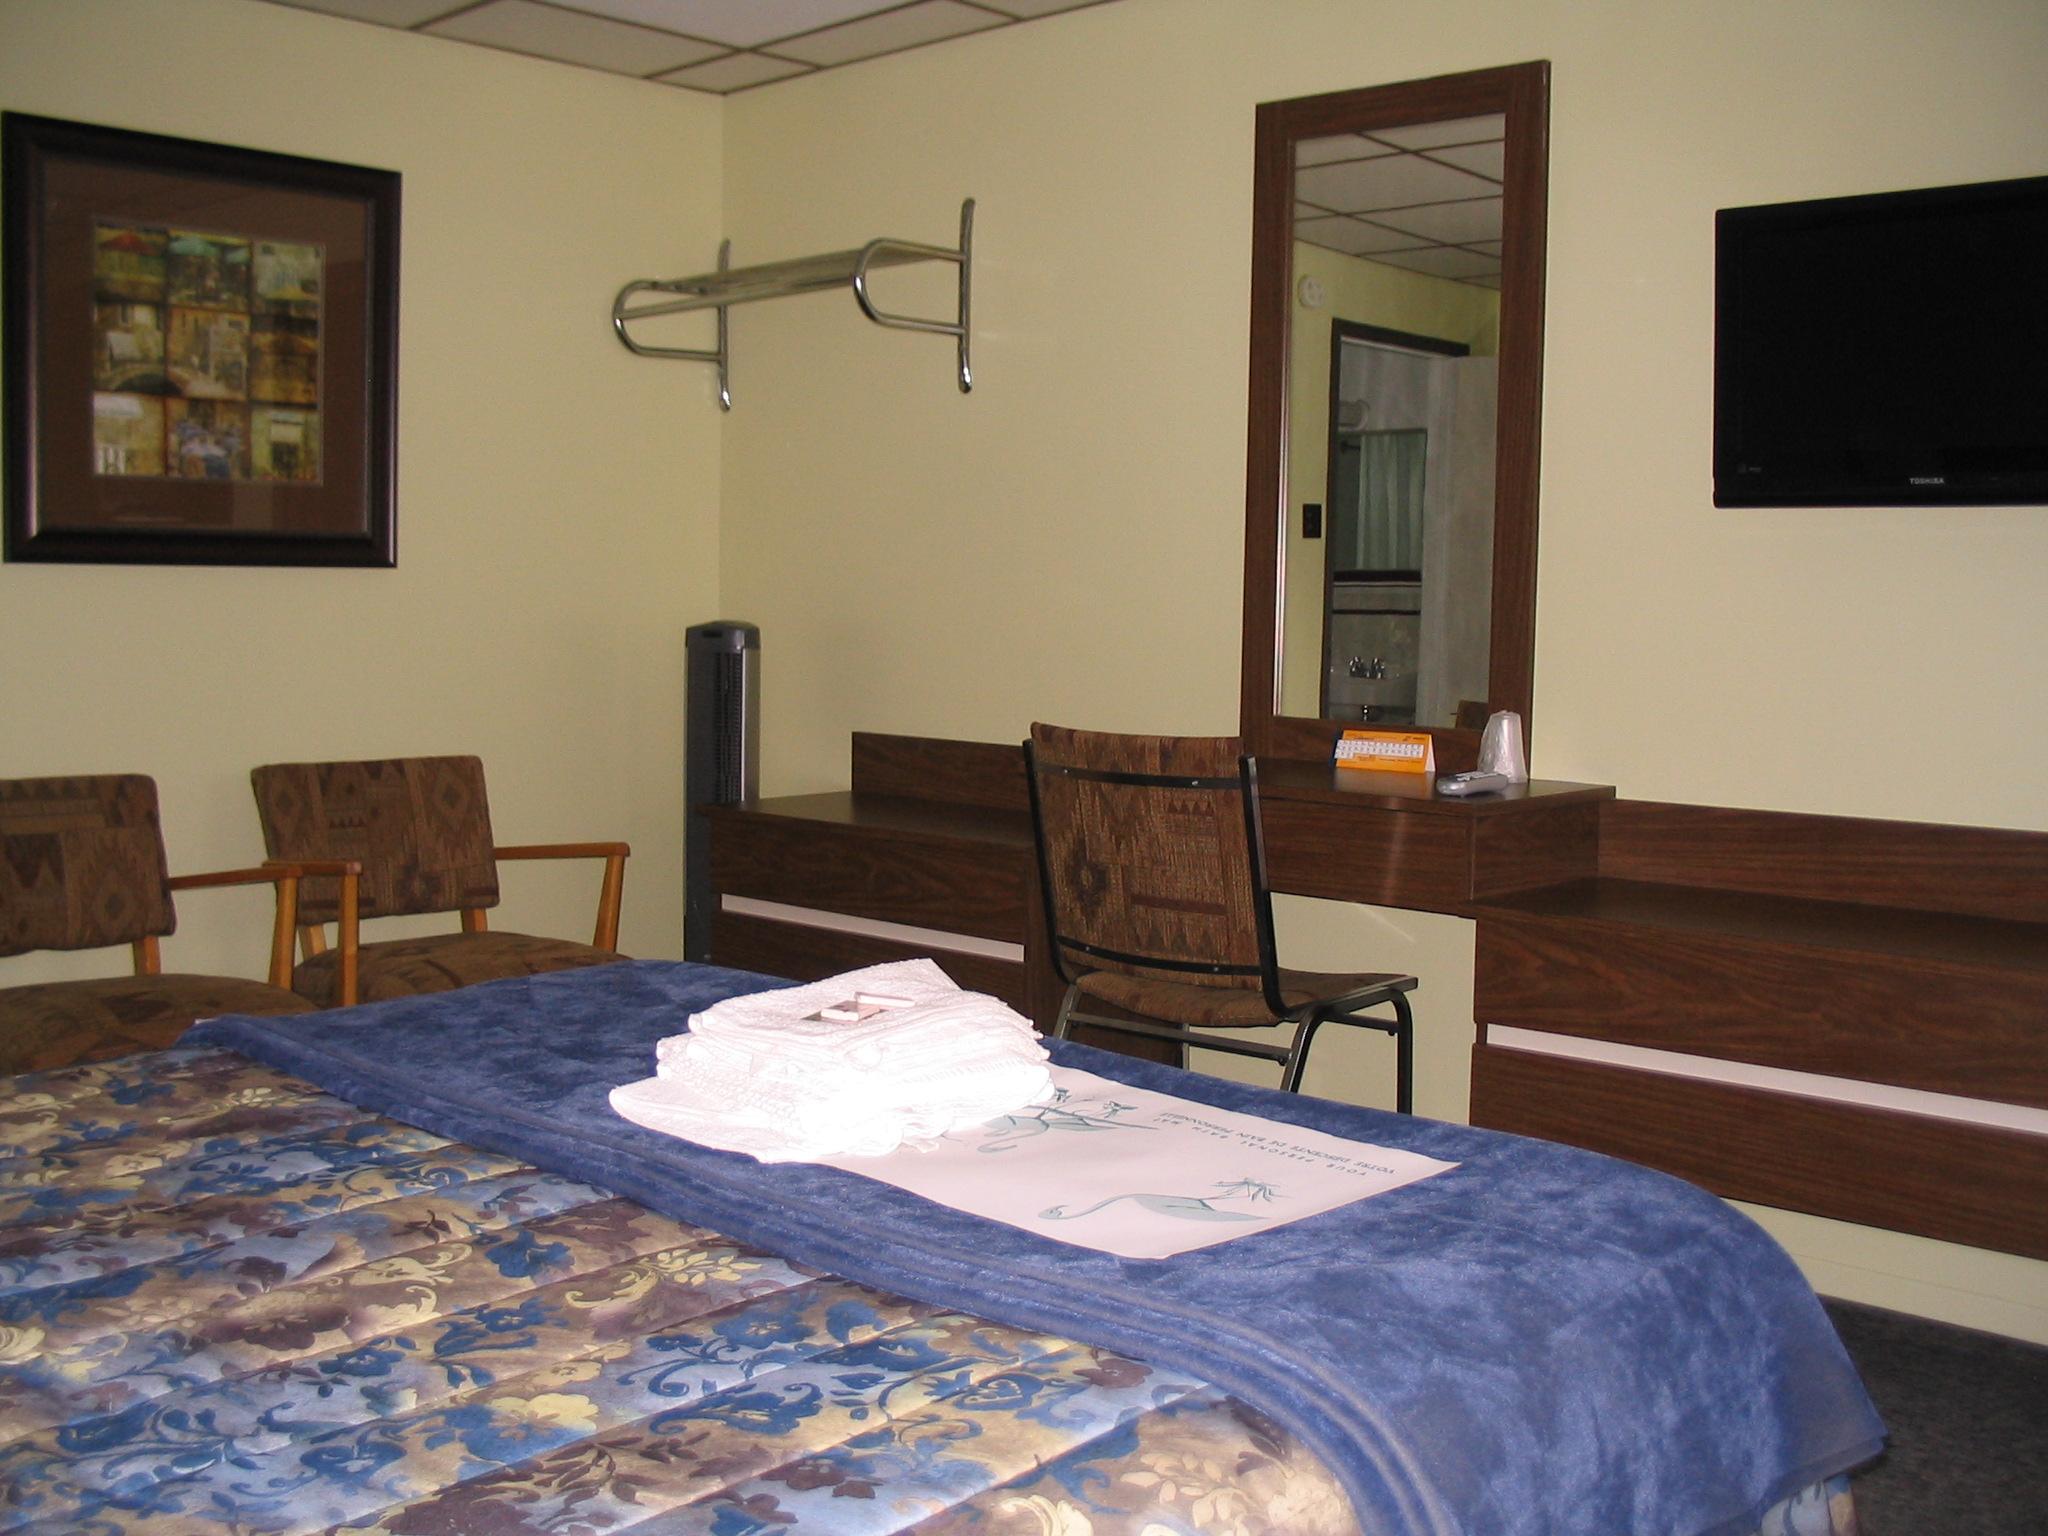 chambres et tarifs motel spring. Black Bedroom Furniture Sets. Home Design Ideas